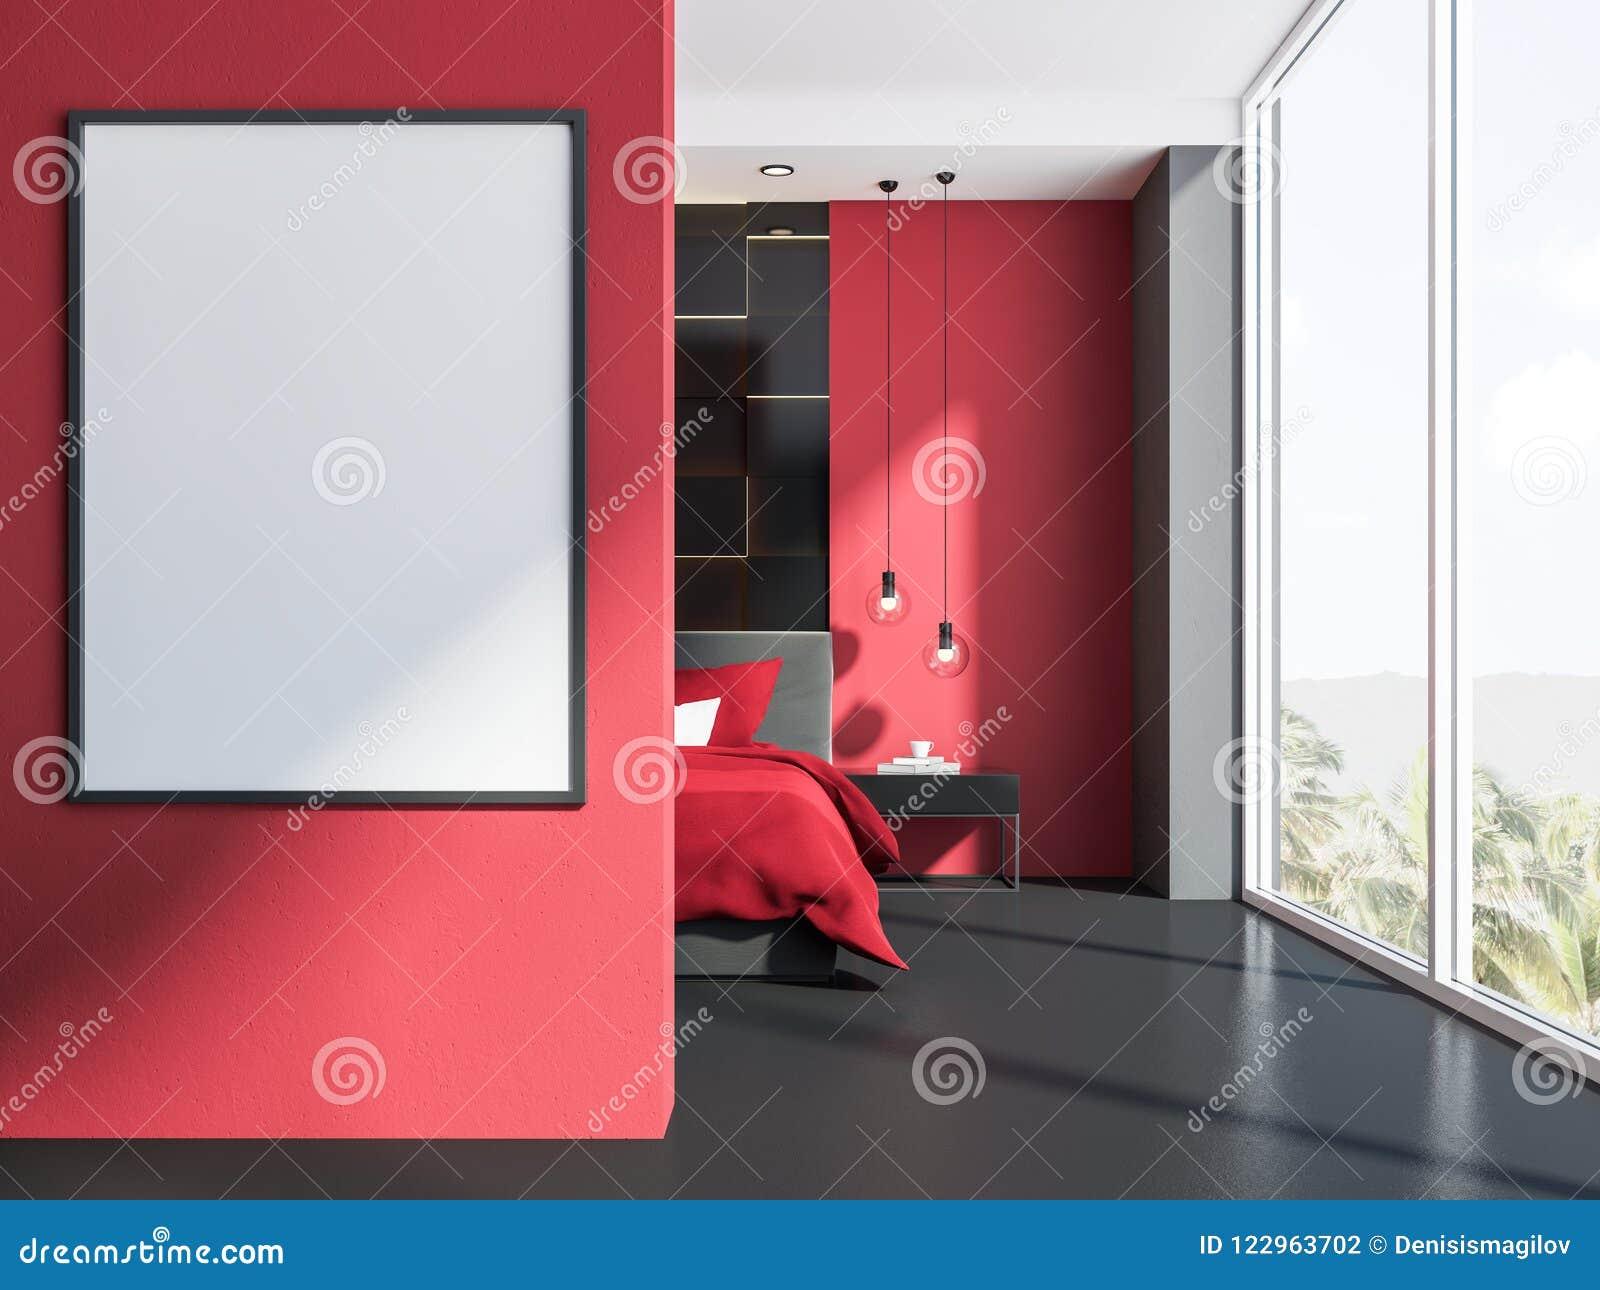 Pareti Grigie E Rosse : Manifesto in un interno rosso e grigio della camera da letto